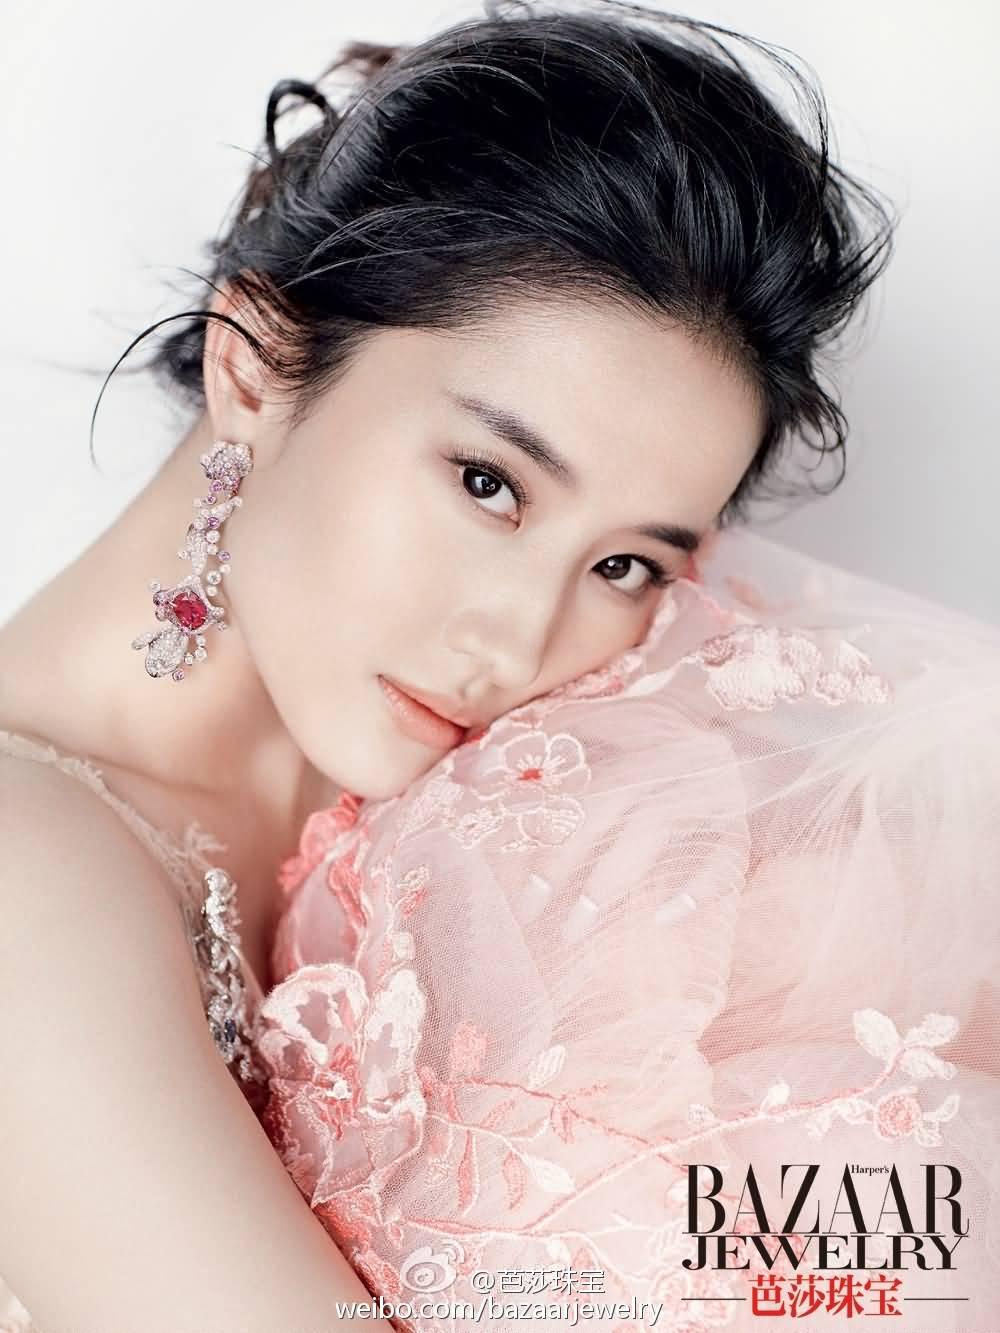 芭莎珠宝2015年12月刊 《刘亦菲》[2014.12.21]